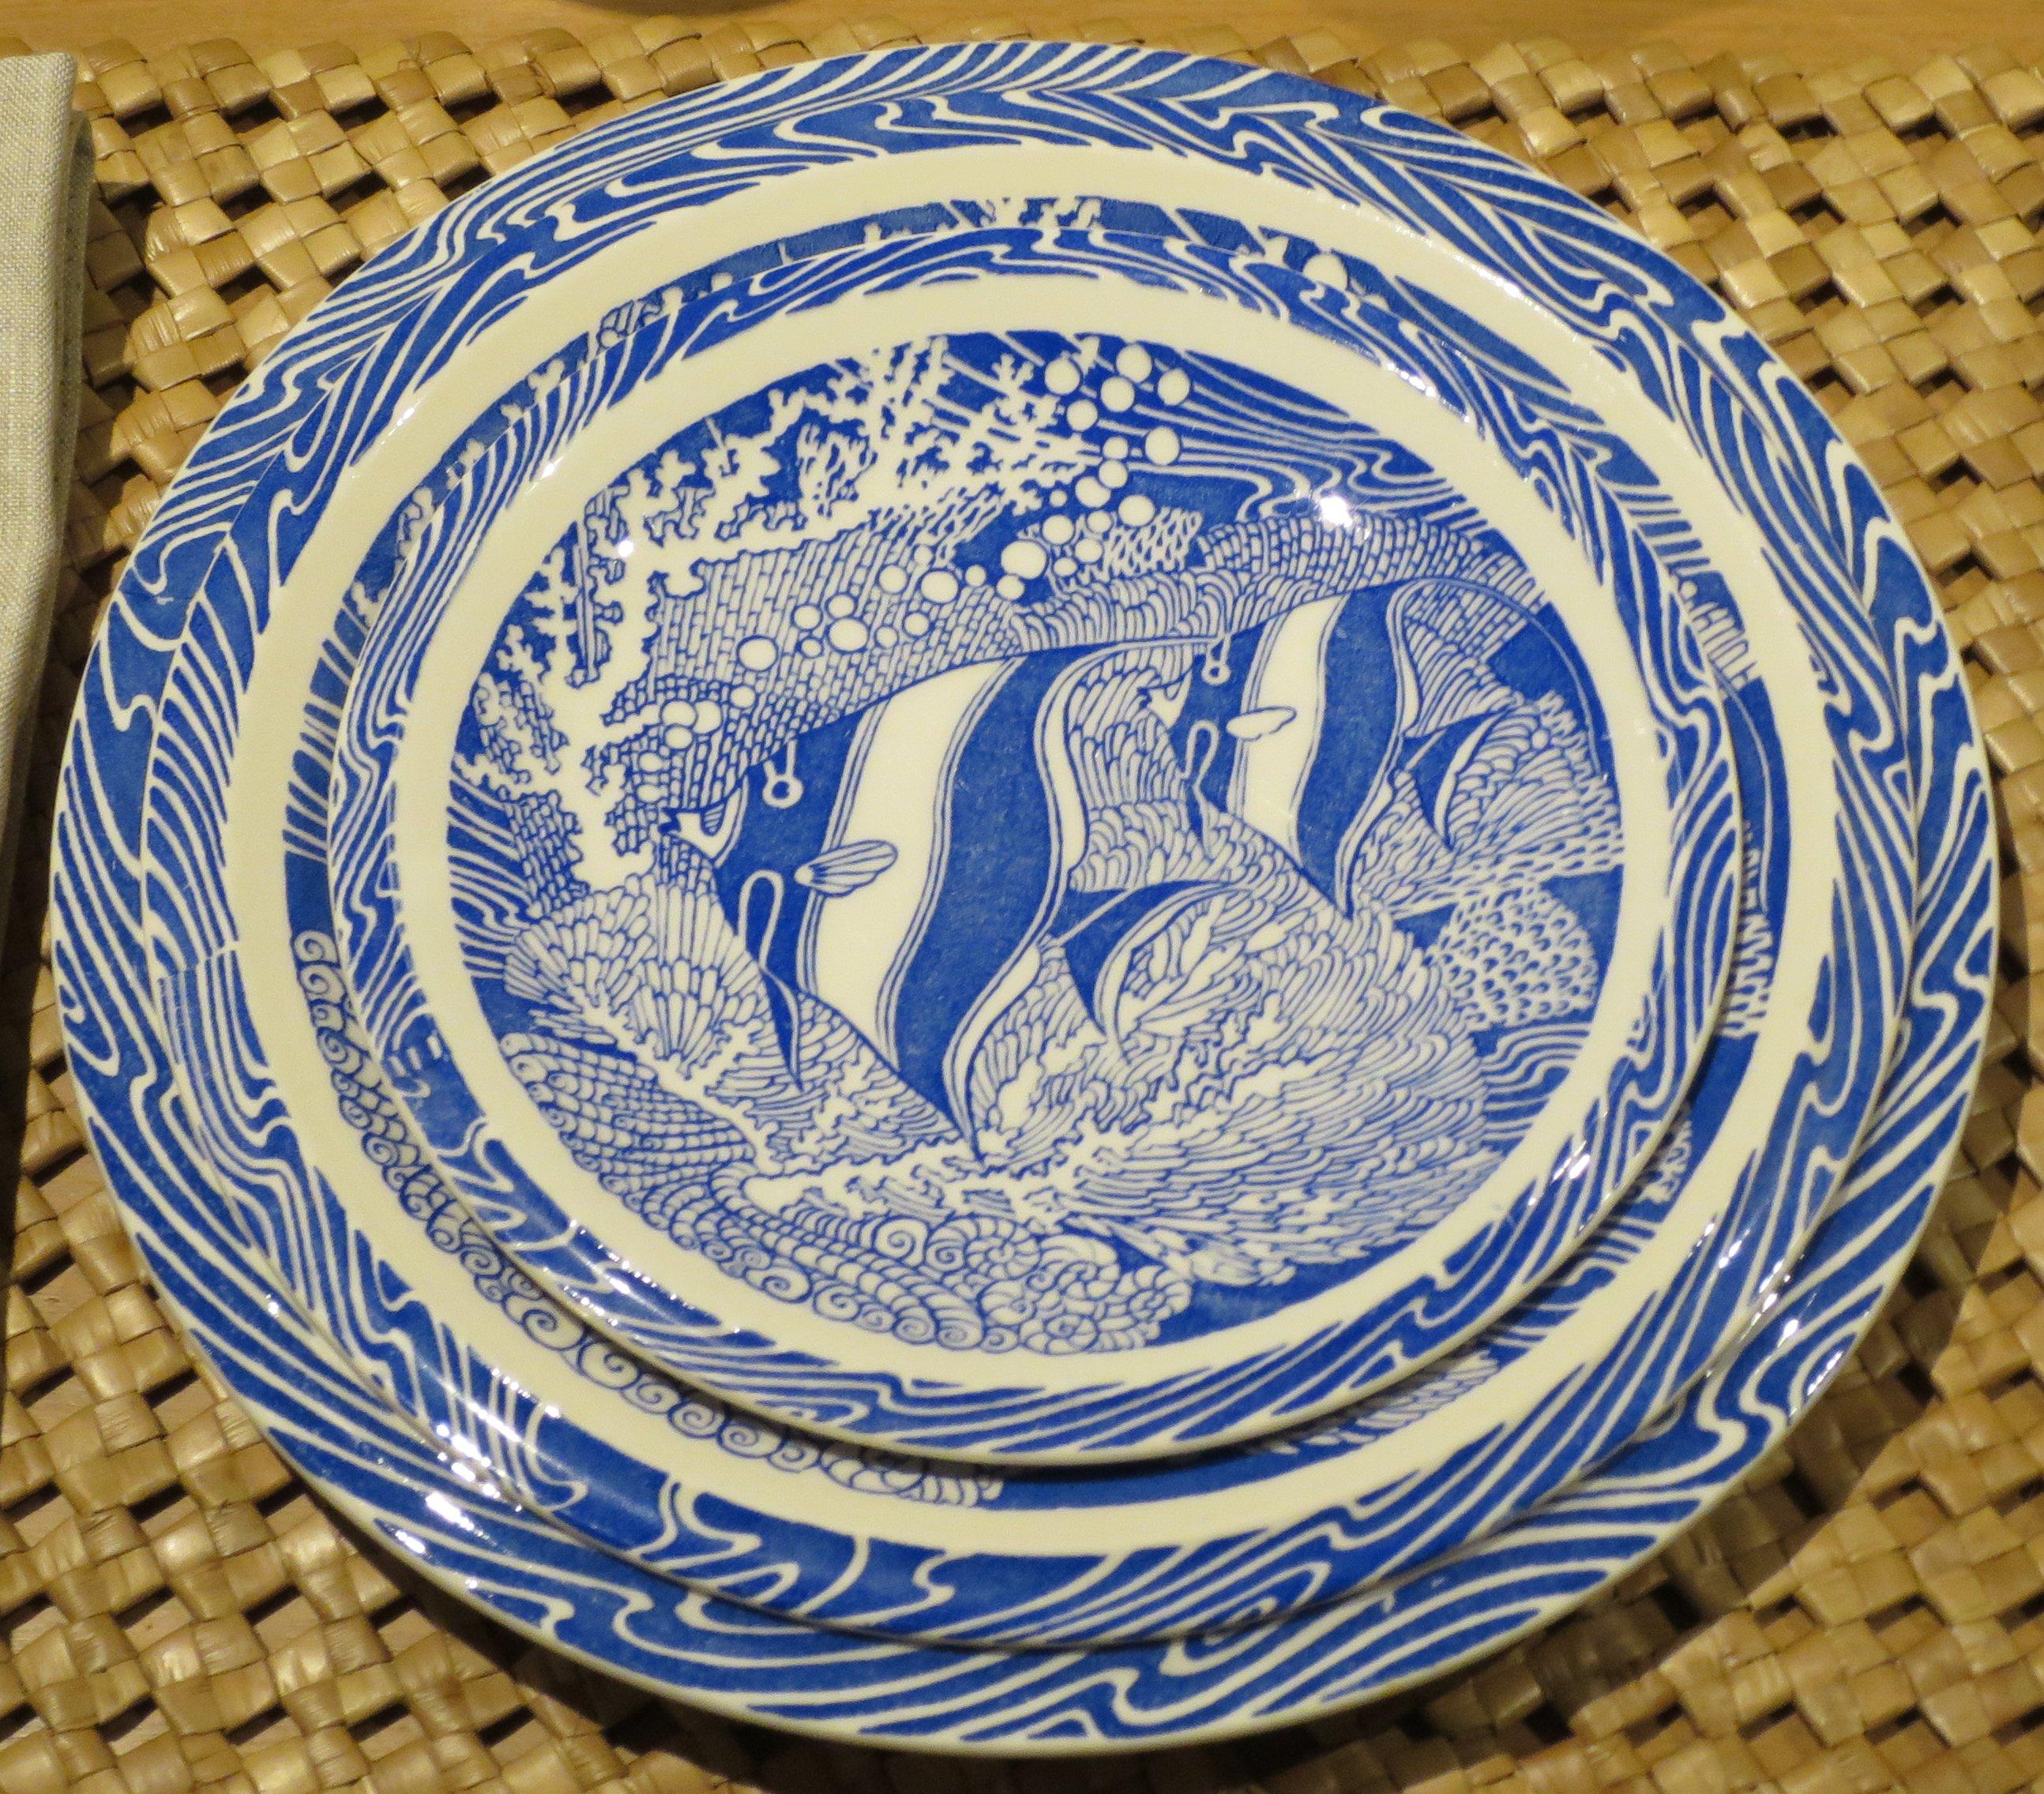 FileTableware in \u0027Coral Reef\u0027 pattern Vernon Kilns designed by Don & File:Tableware in \u0027Coral Reef\u0027 pattern Vernon Kilns designed by ...